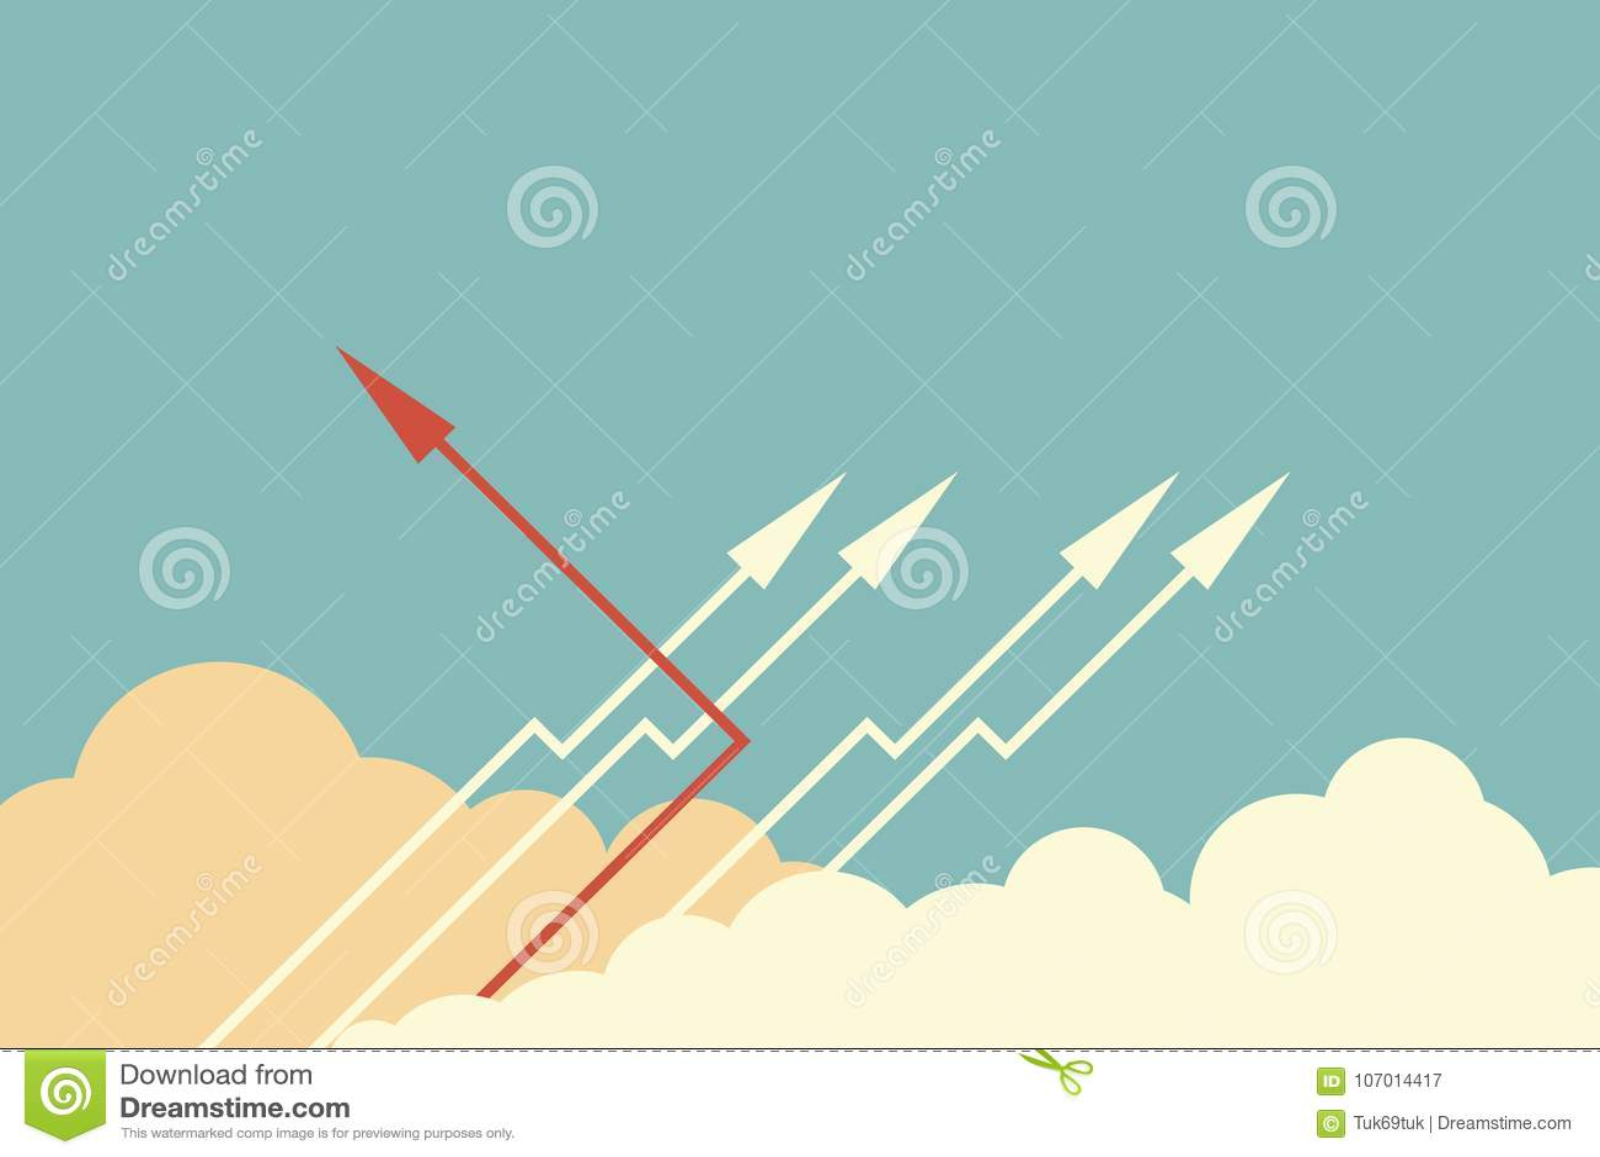 Czerwony strzałkowaty odmienianie kierunek, biel i ones Nowy pomysł, zmiana, trend, odwaga, kreatywnie rozwiązanie, biznes, innov